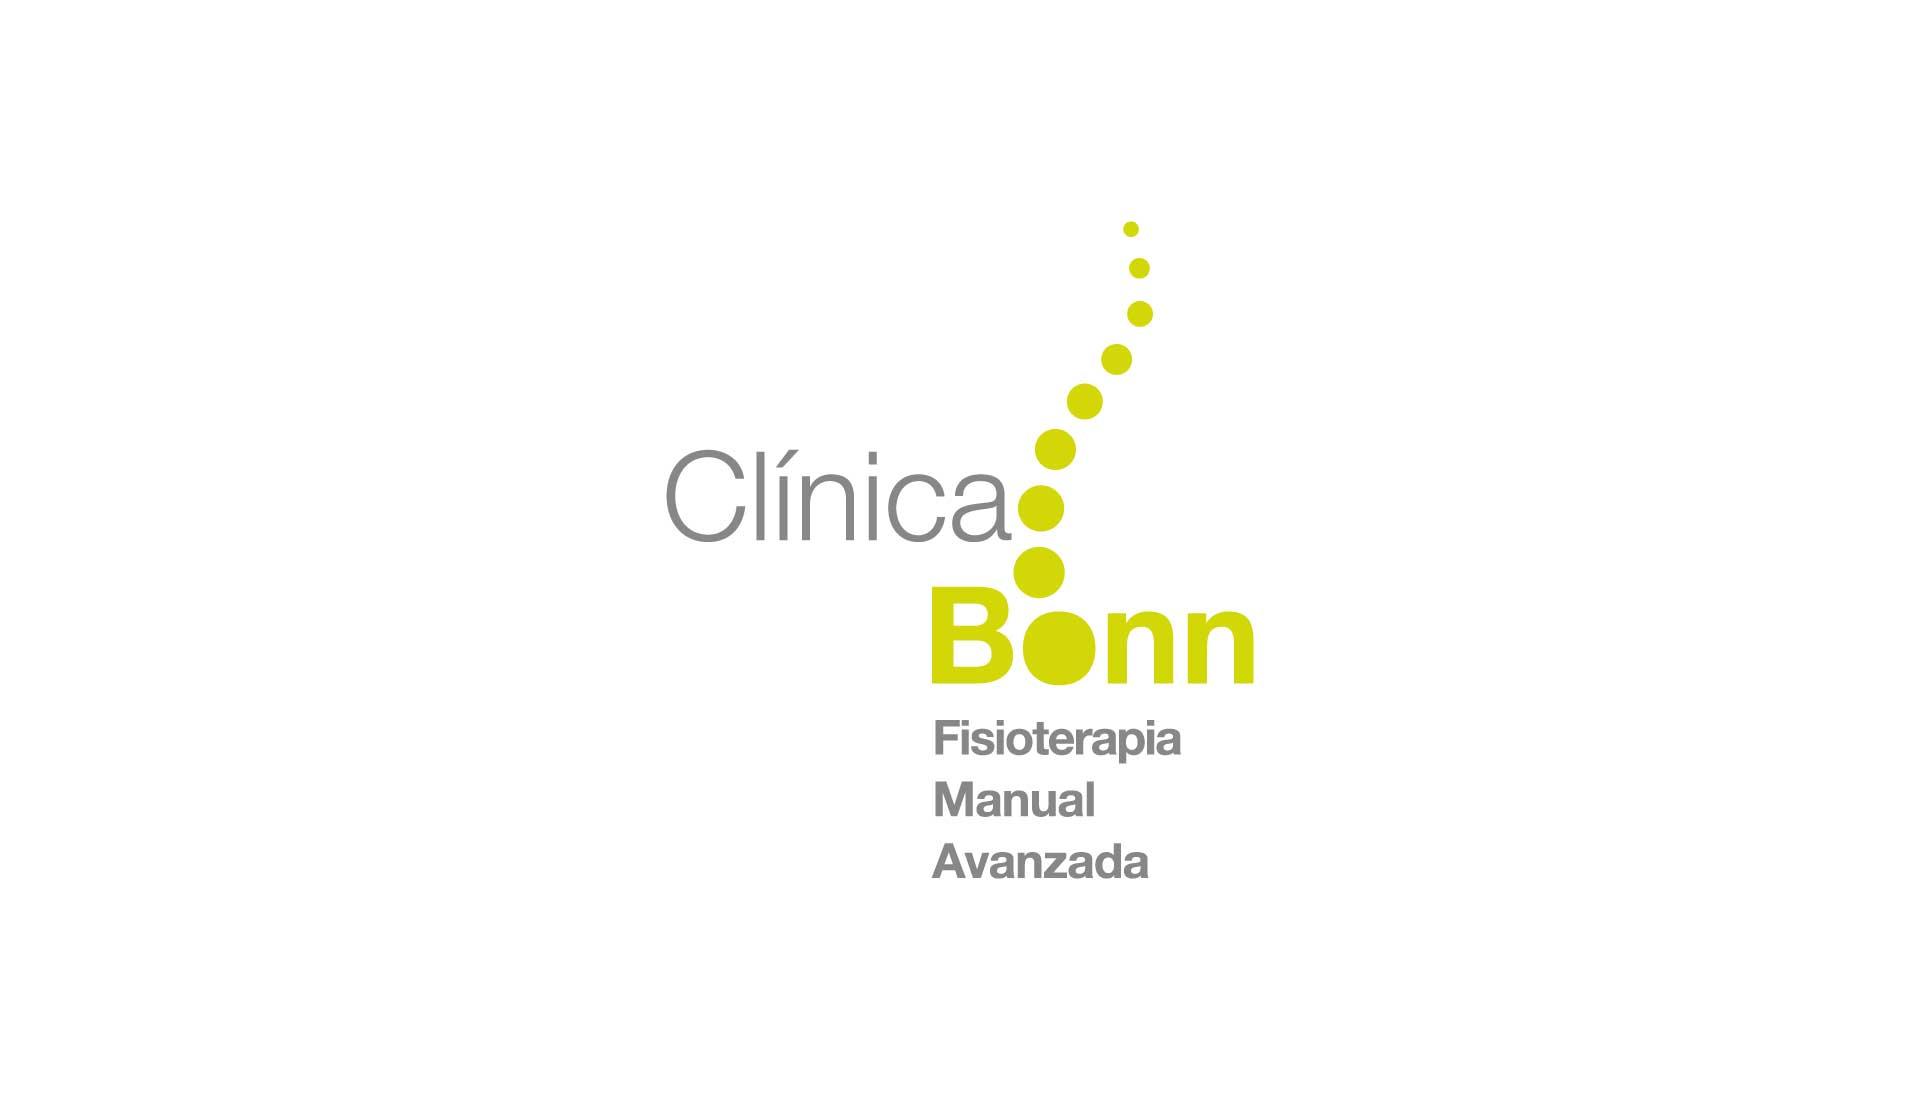 Clinica Bonn